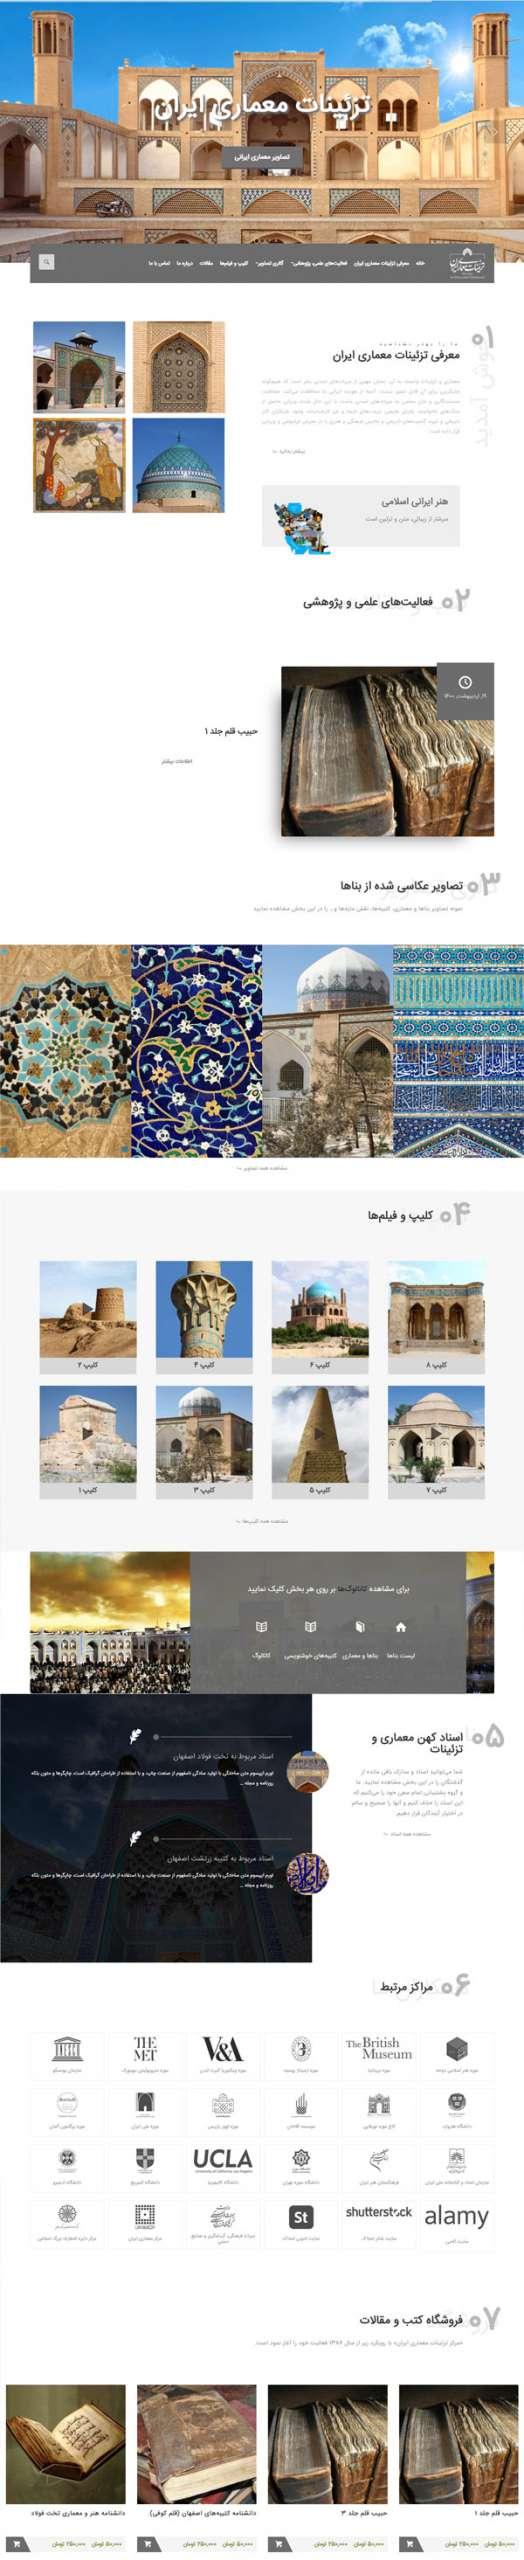 طراحی سایت گروه تزئینات معماری پرشین   تزئینات معماری و بناهای باستانی ایران